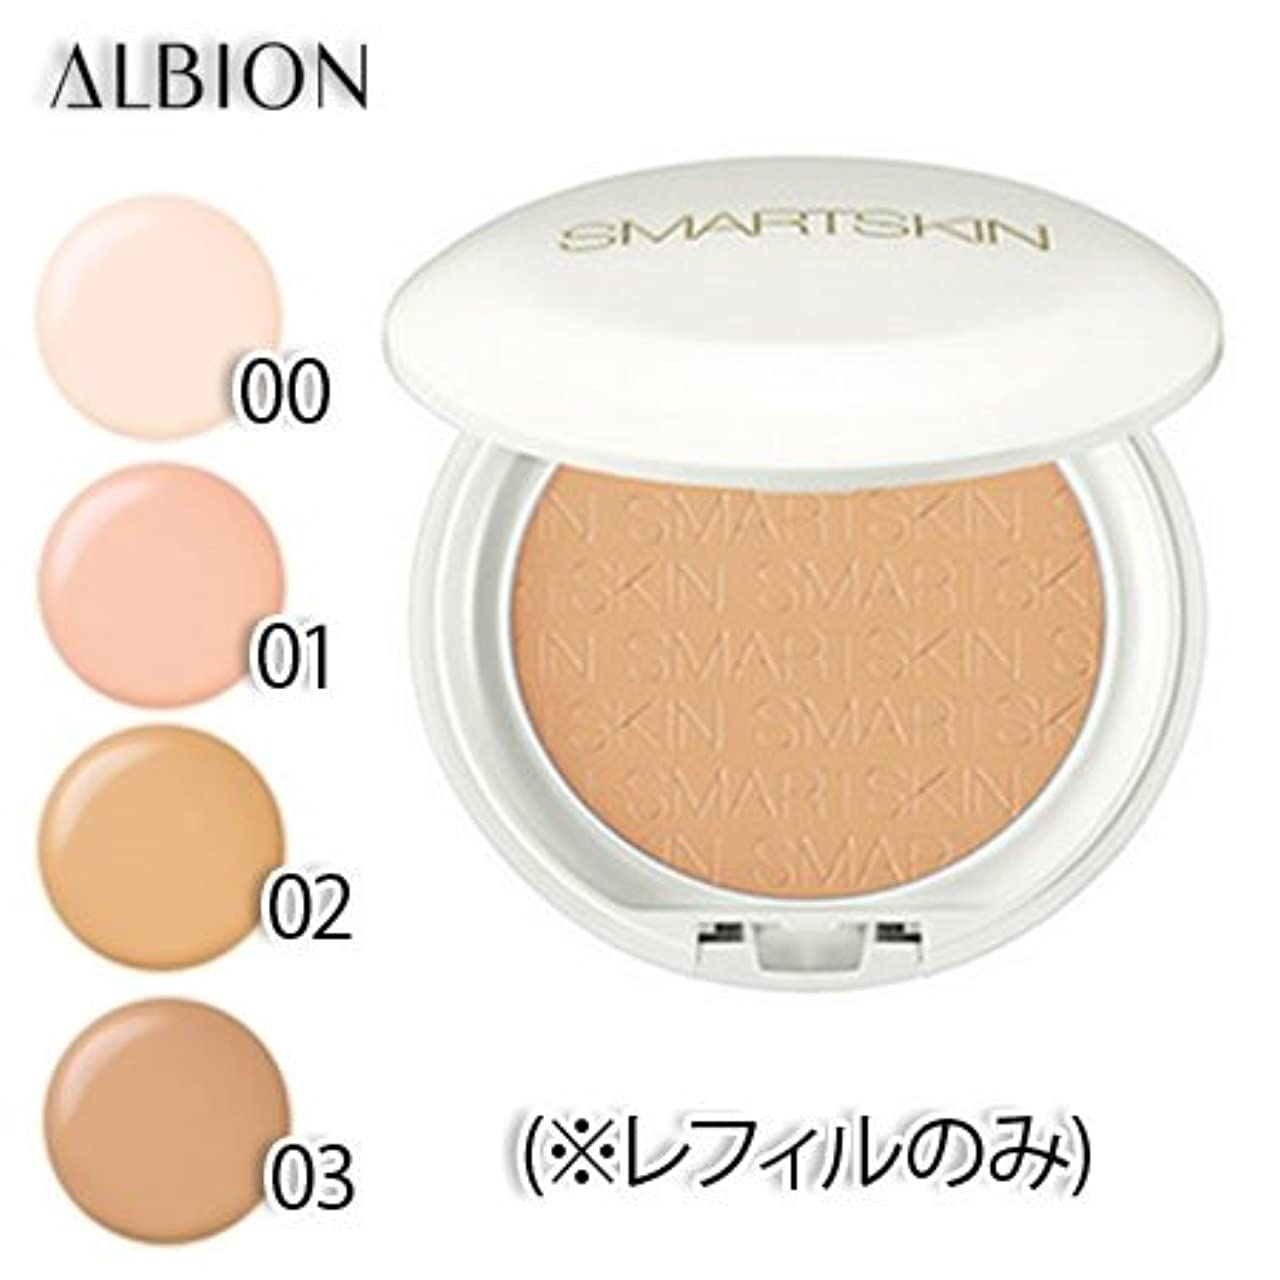 パーク違うバーチャルアルビオン スマートスキン ホワイトレア 全4色 (レフィルのみ) SPF40 PA++++ 10g -ALBION- 00